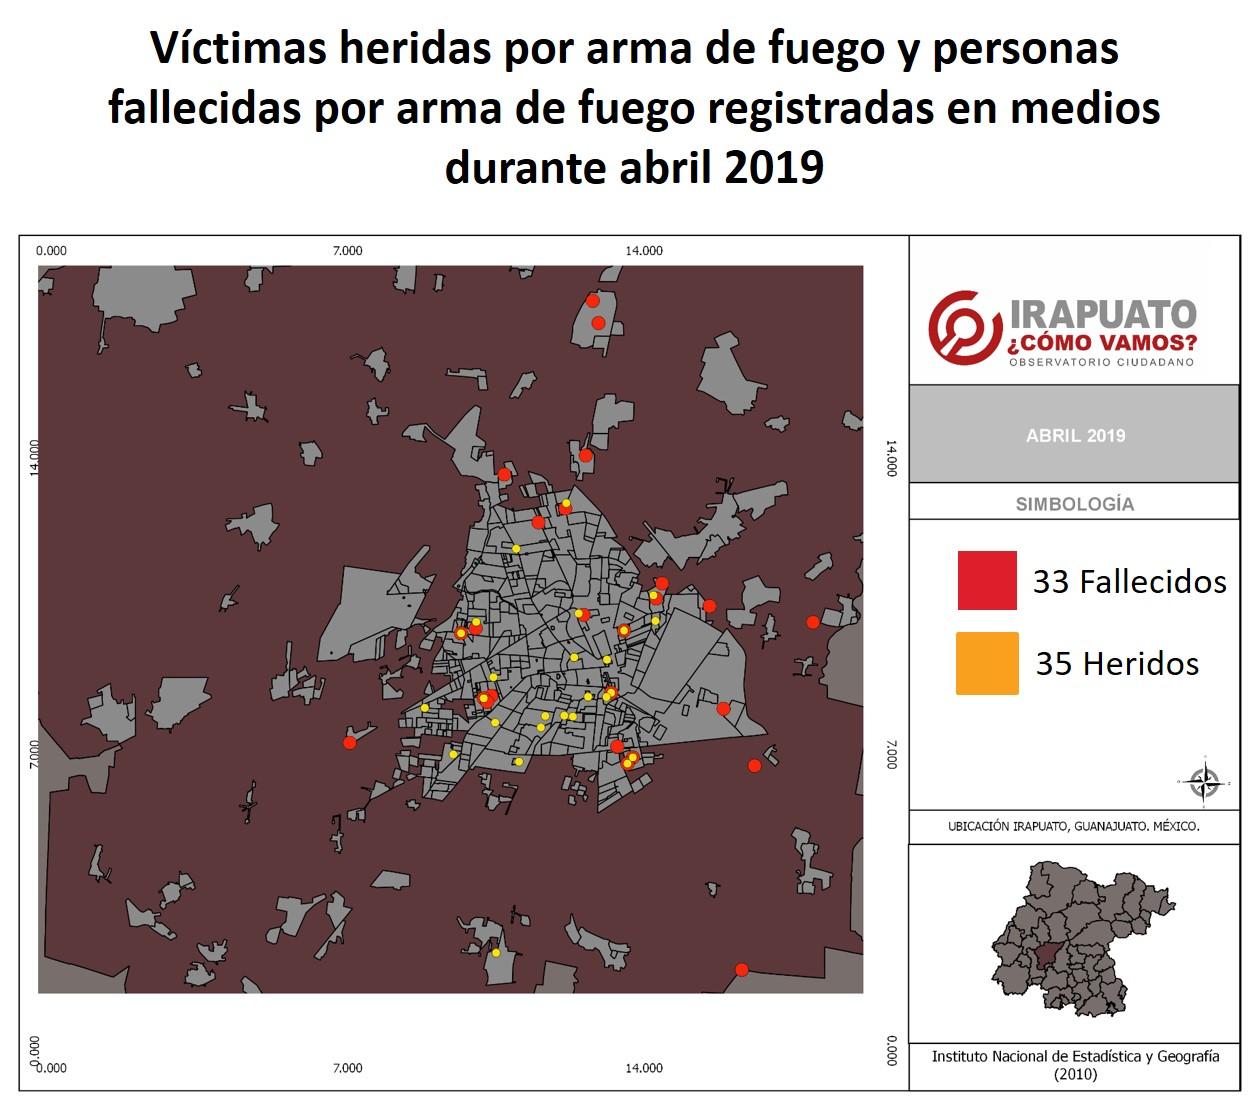 38 HOMICIDIOS EN IRAPUATO DURANTE EL MES DE ABRIL. 2